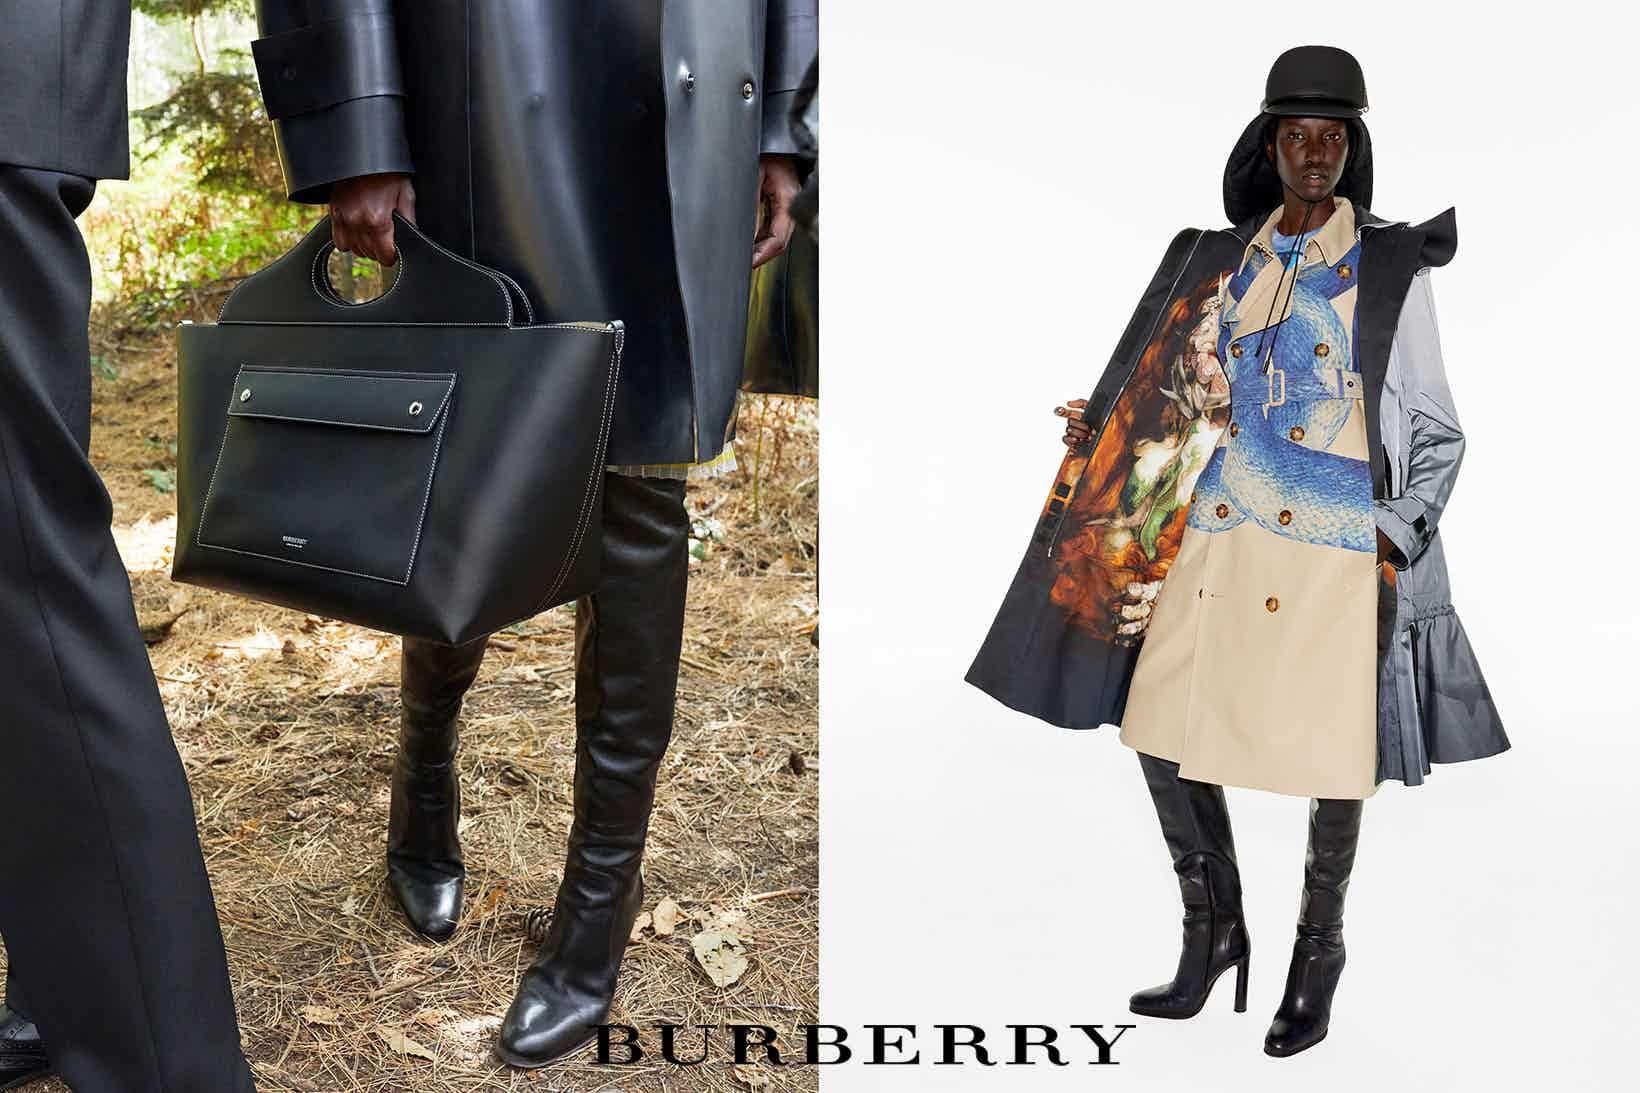 BURBERRY - Spring Summer 2021 Photographer: Juergen Teller Model: Anok, He Chong,  Aylah Stylist:  Gary Gill